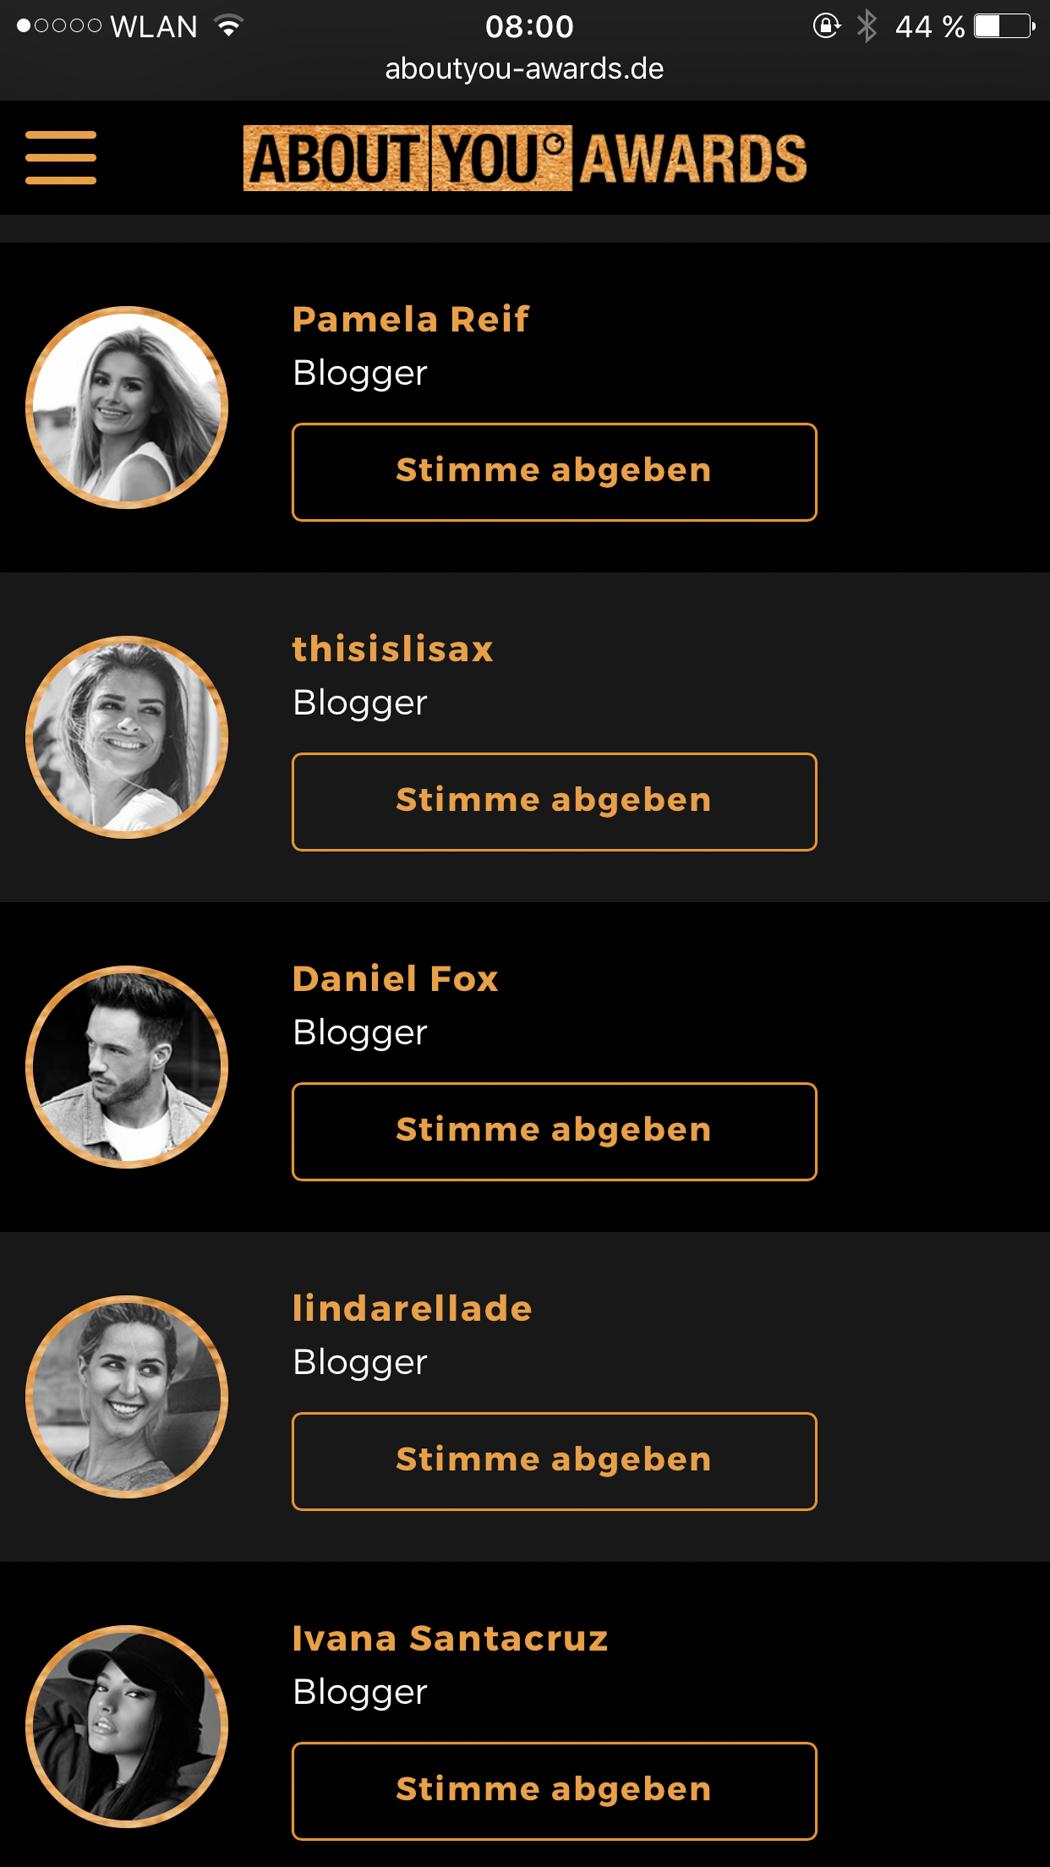 Lifestyleblog-Lifestyleblogger-Lifestyle-Blog-Blogger-Muenchen-Deutschland-Lindarella-8